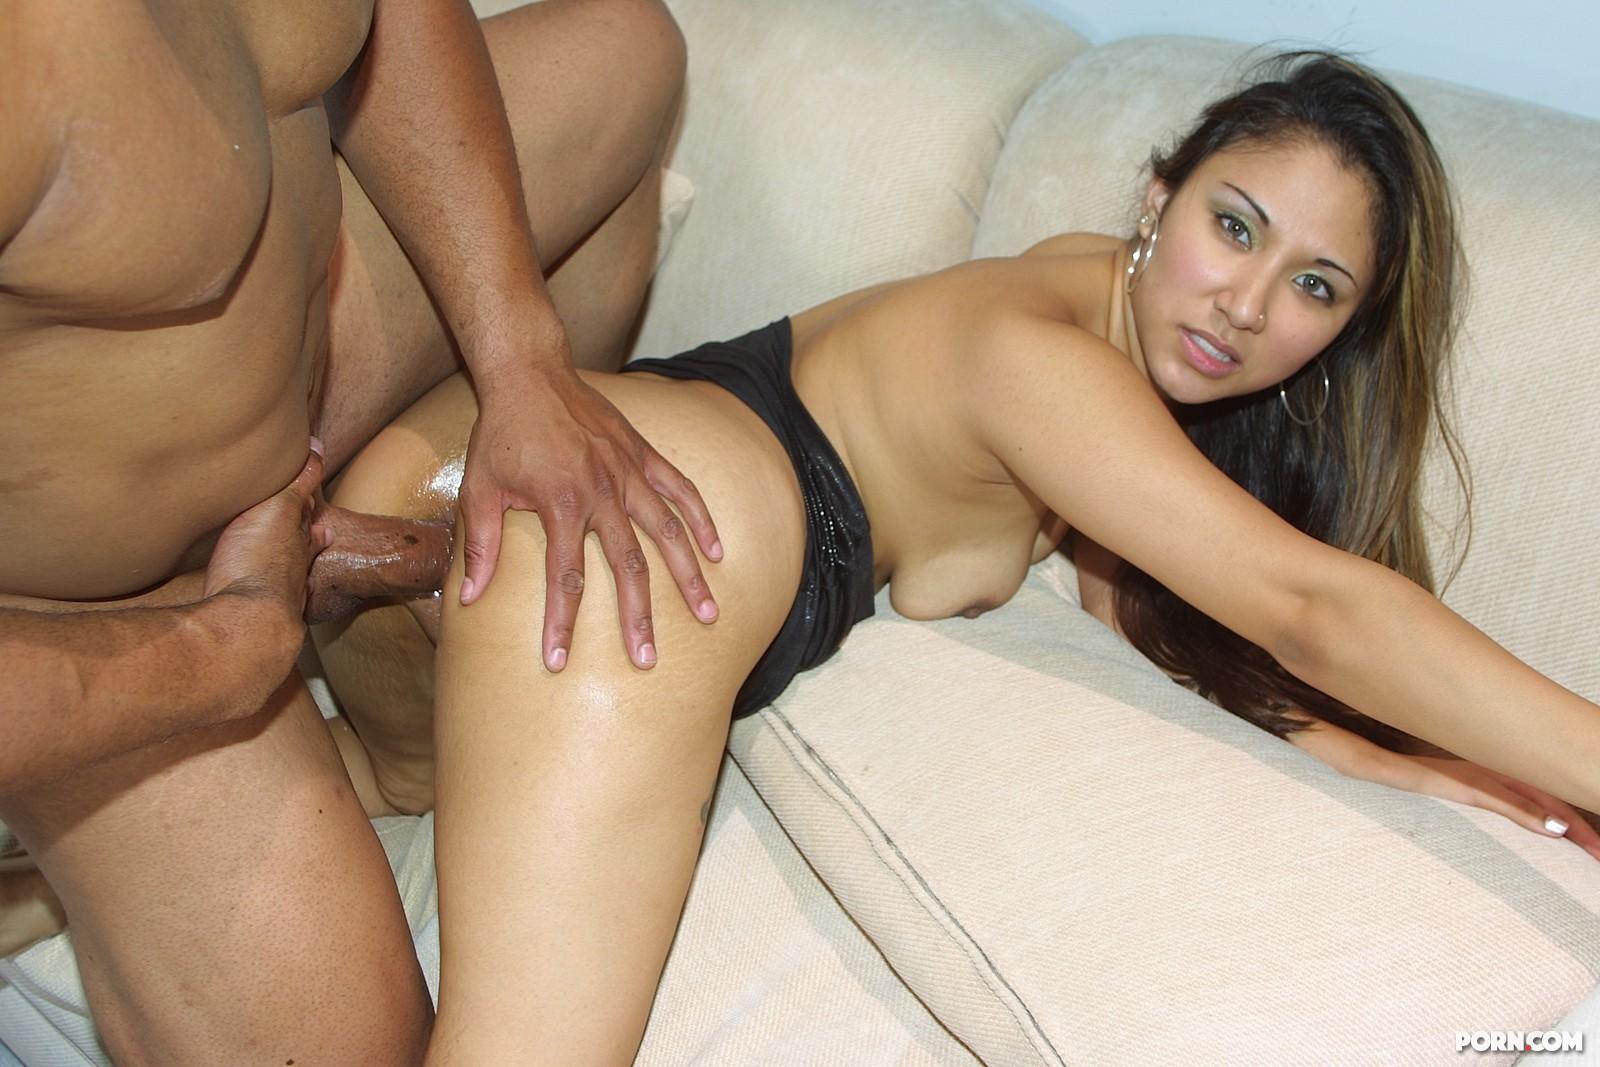 Узбекистан порно секс, Узбекское порно - Узбекское, казахское, киргизское 23 фотография